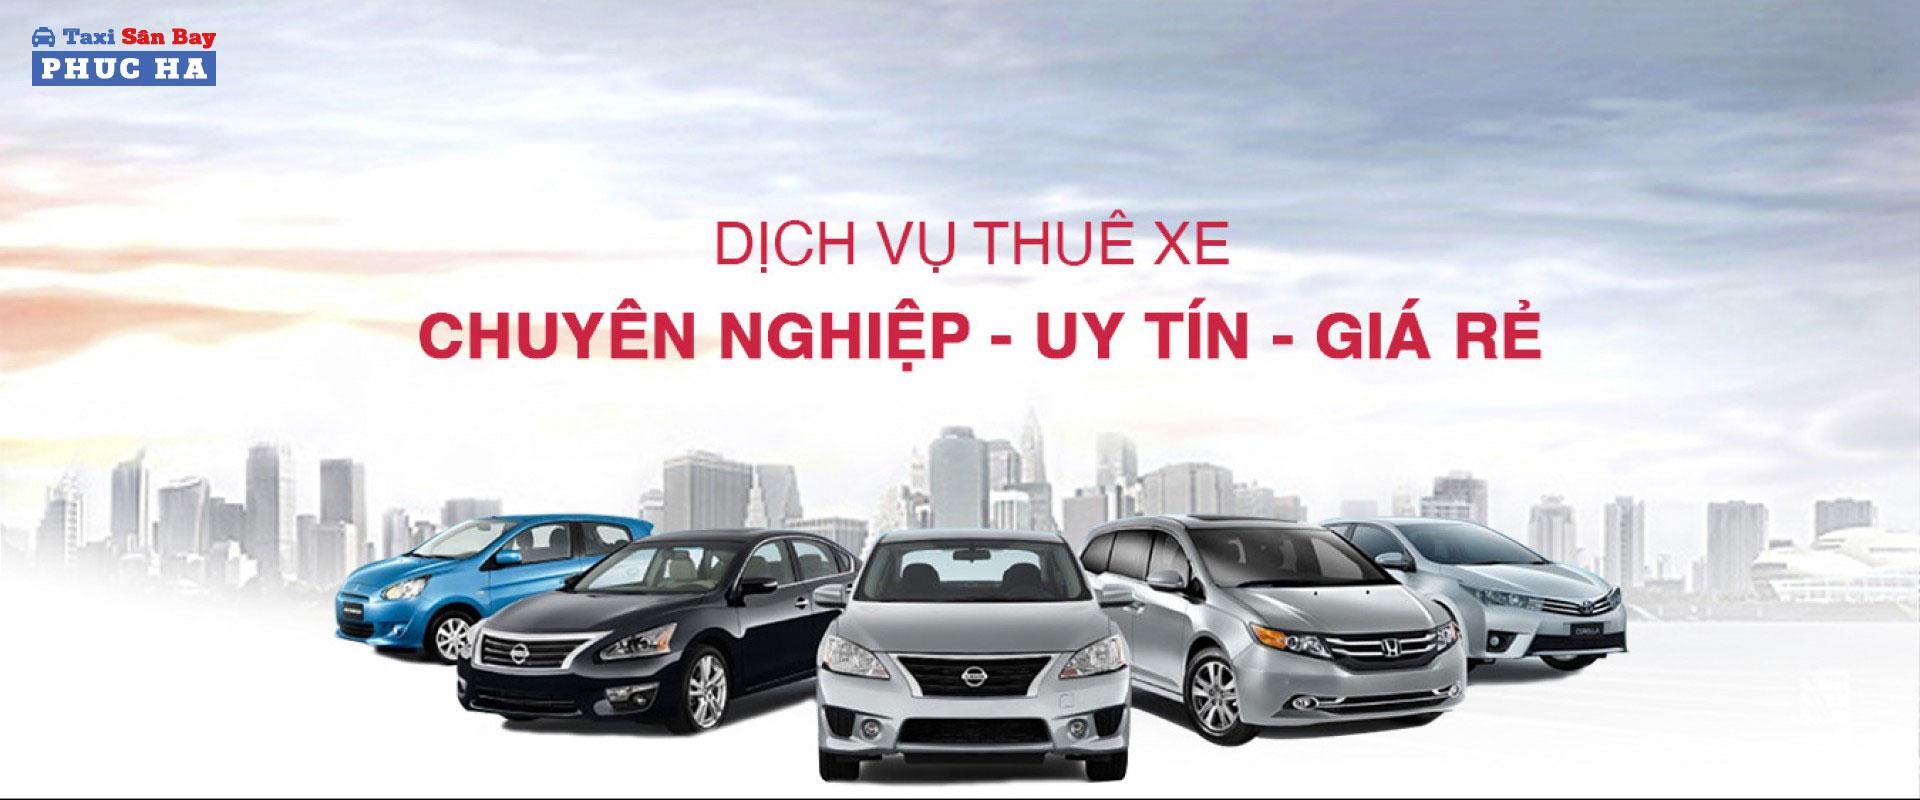 Top 9 hãng taxi Hà Tĩnh uy tín, chất lượng